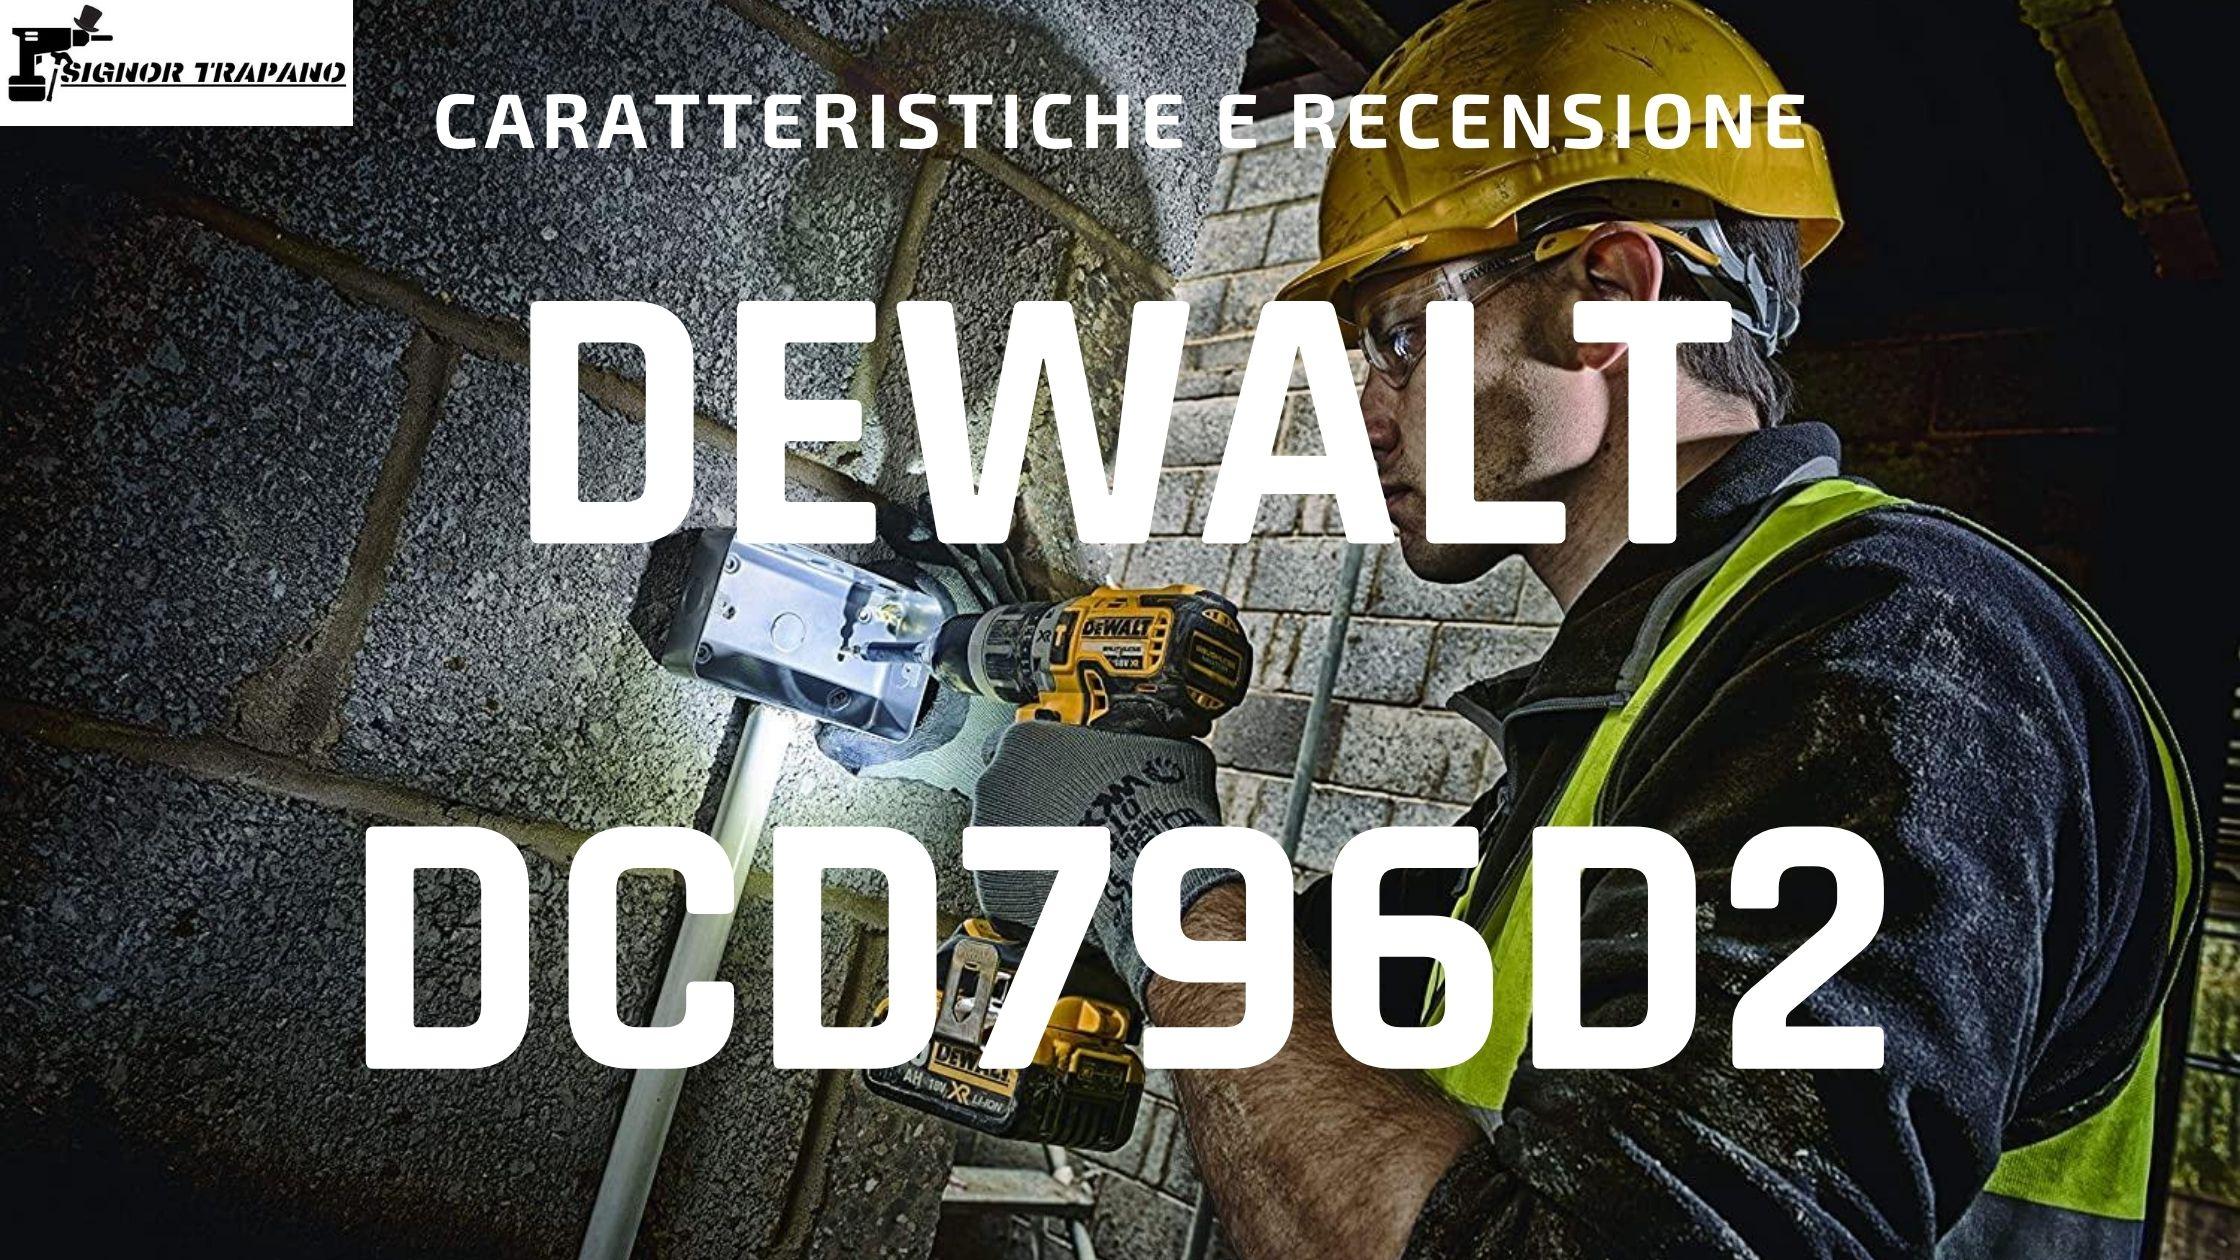 copertina dewalt DCD796D2